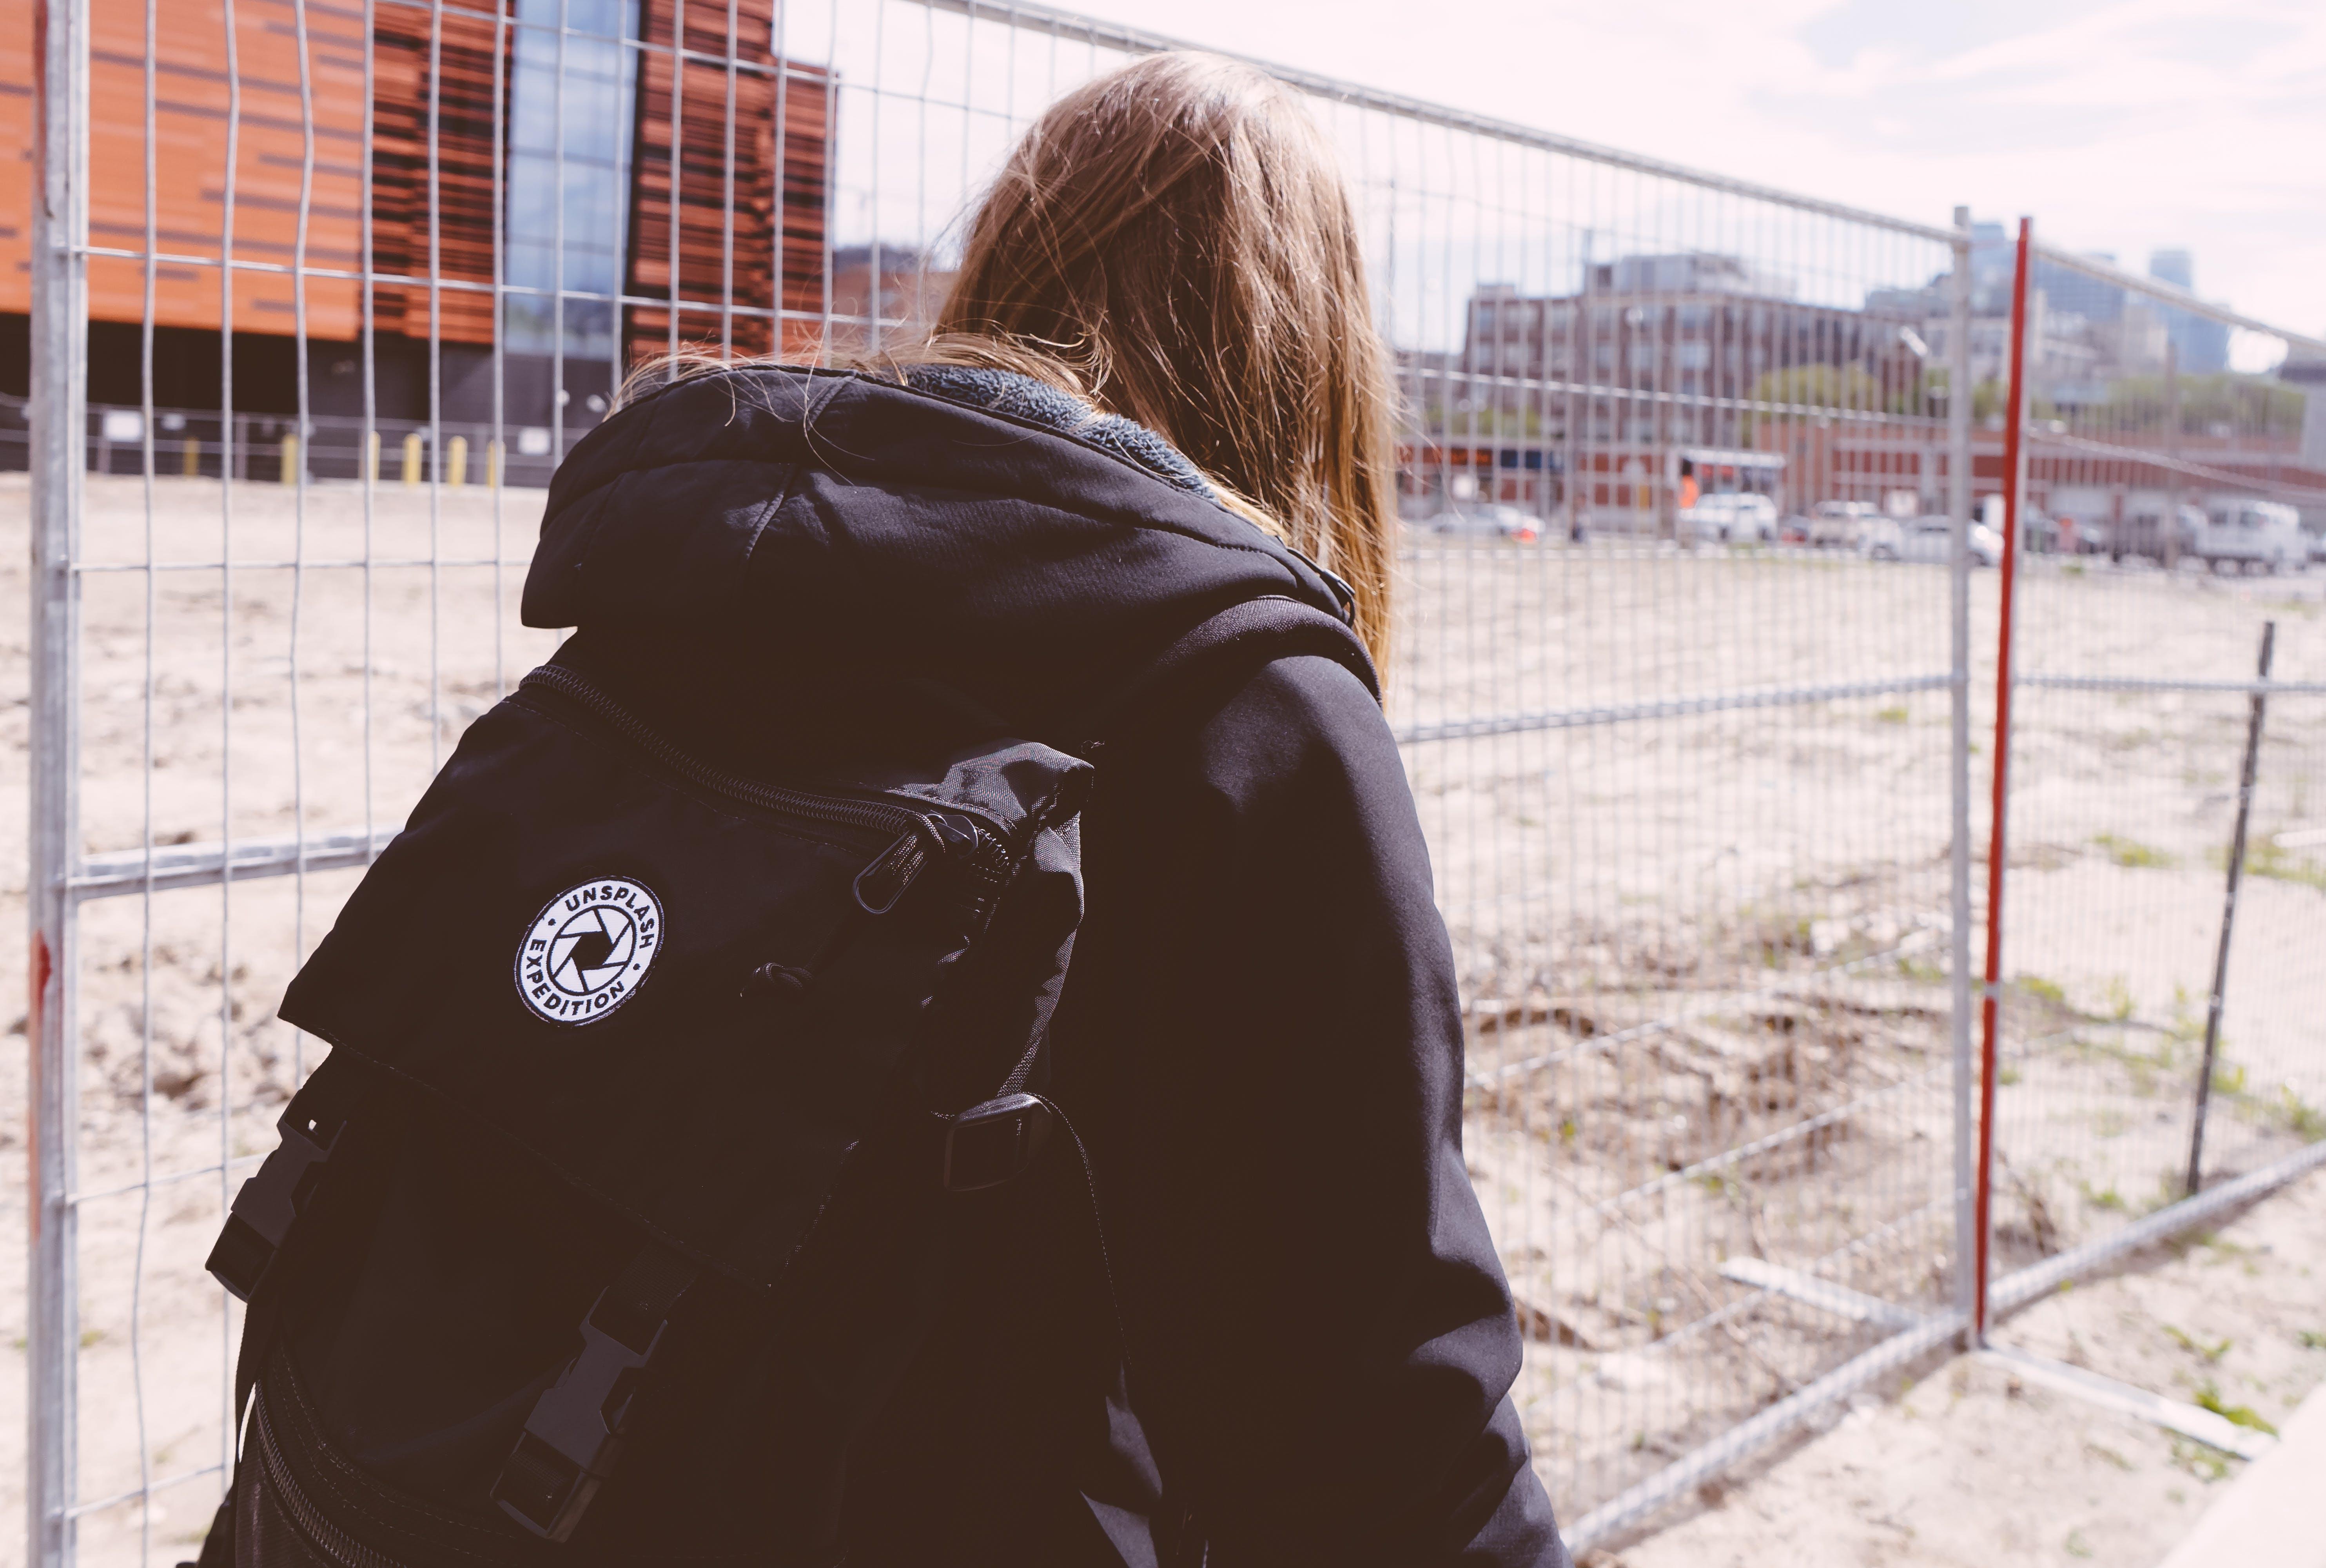 backpack, buildings, cars